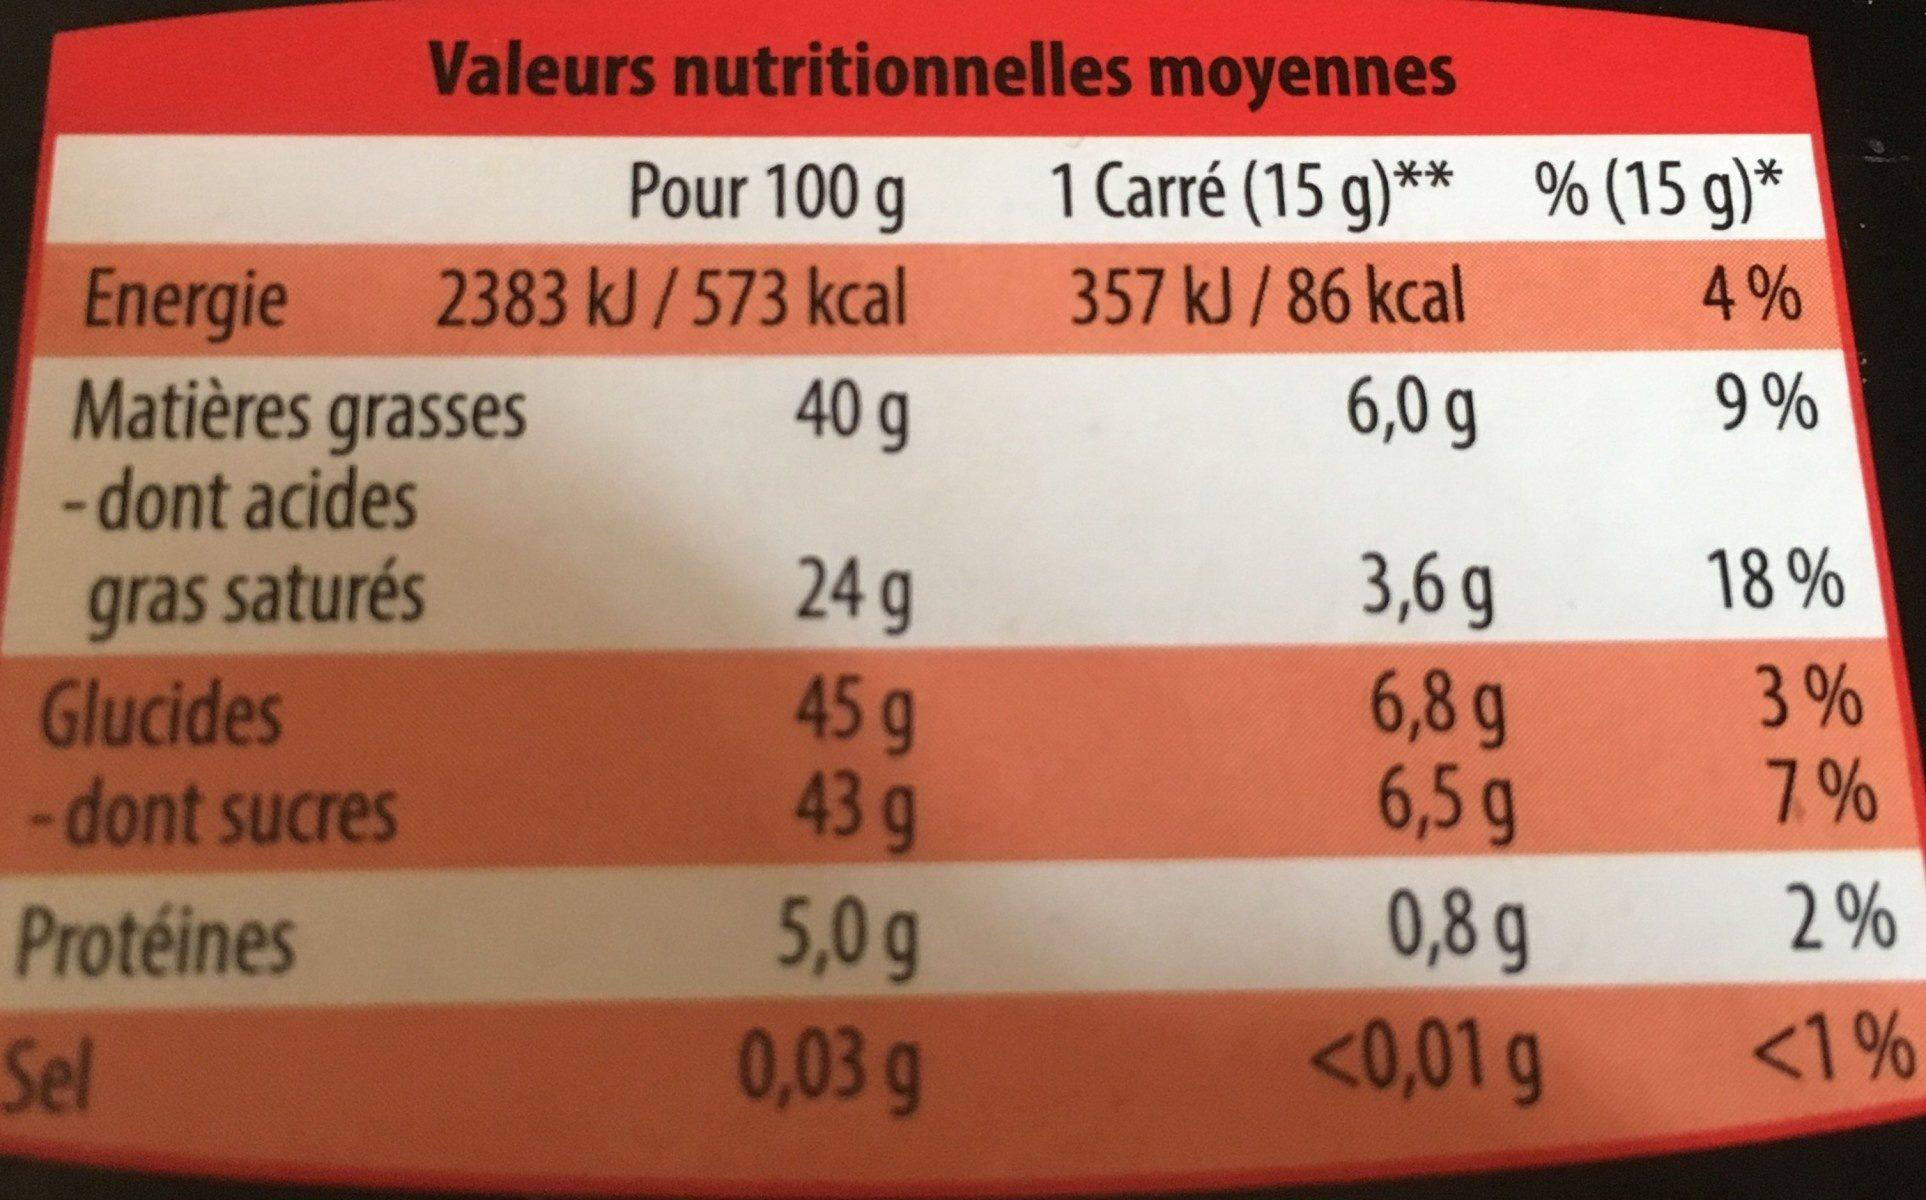 Scholetta chocolat praliné lait - Nutrition facts - fr